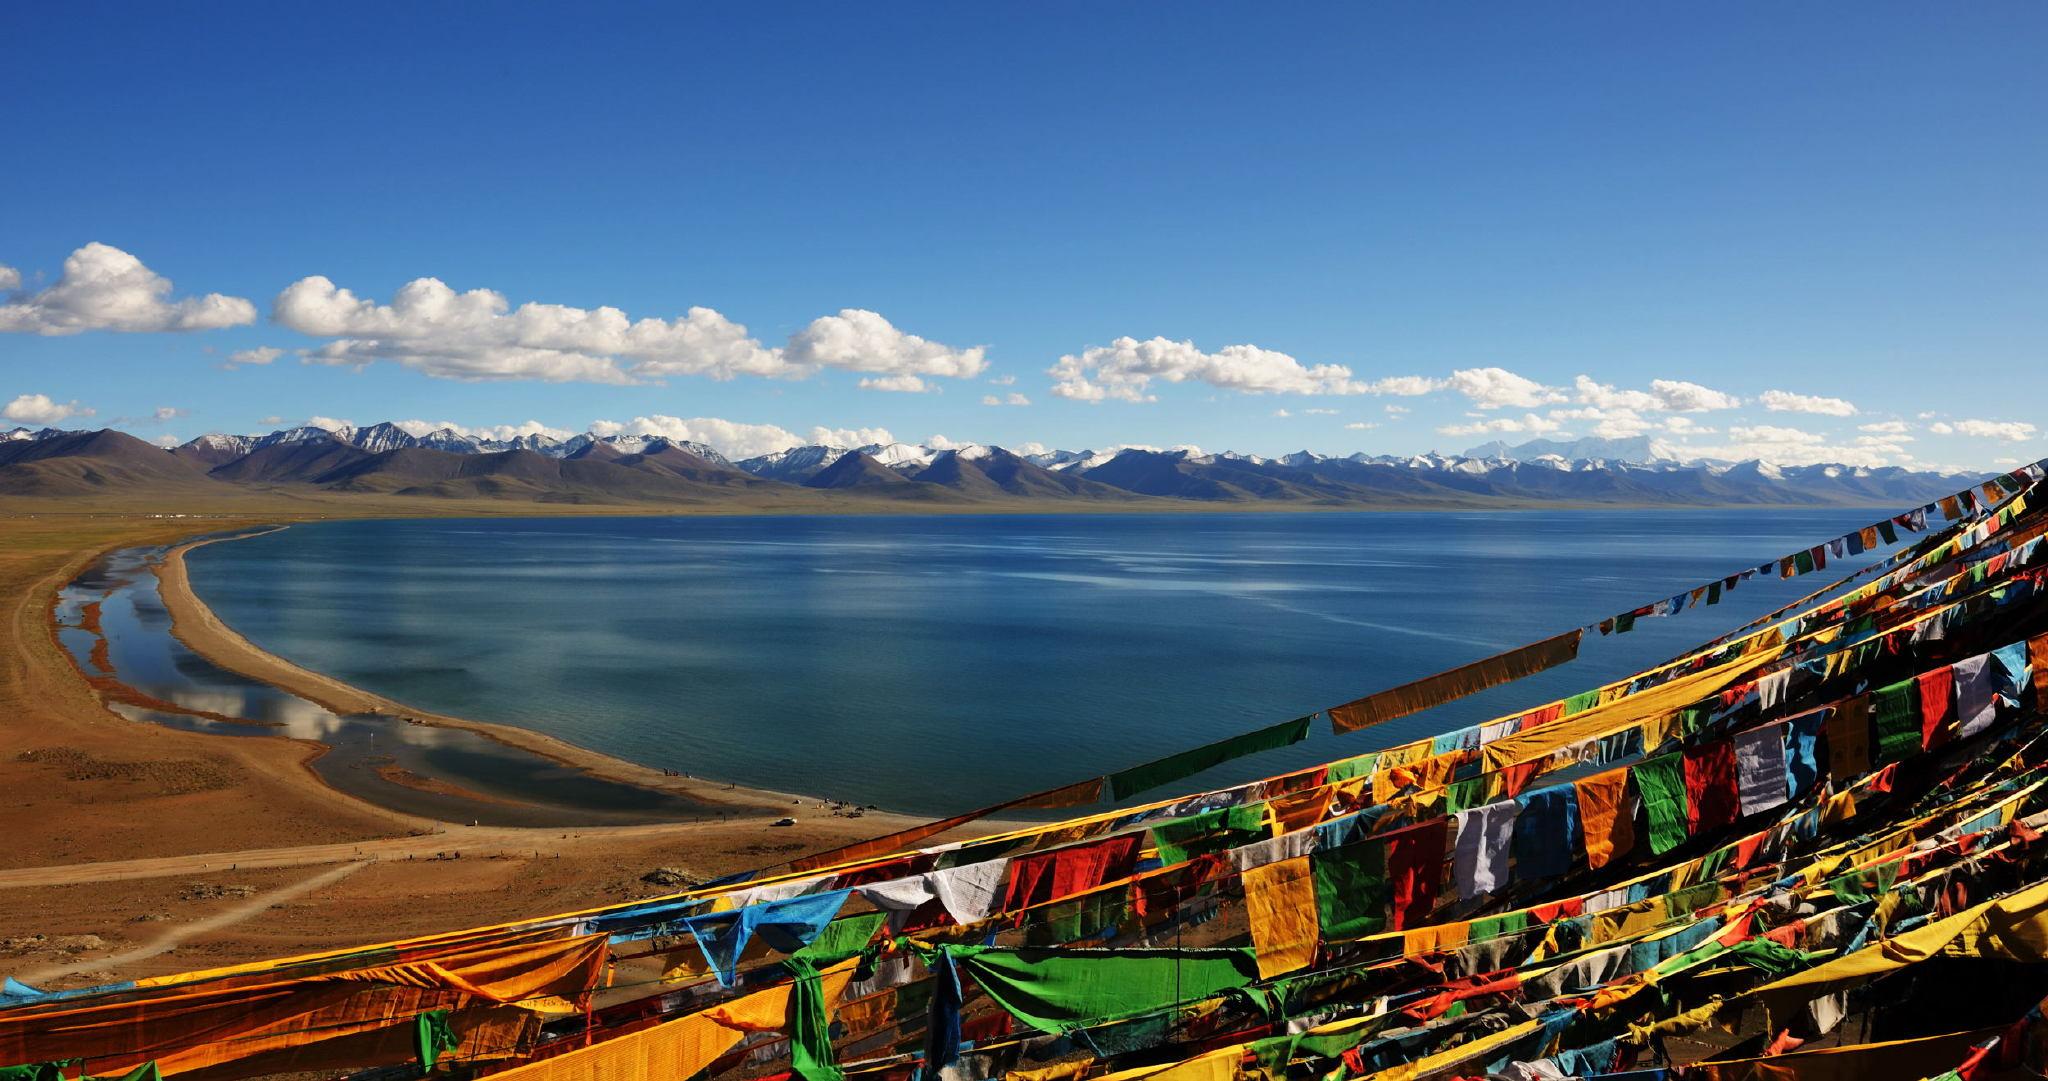 首页 国内旅游 西藏旅游 拉萨旅游 西宁参团 青海湖 茶卡盐湖 纳木错